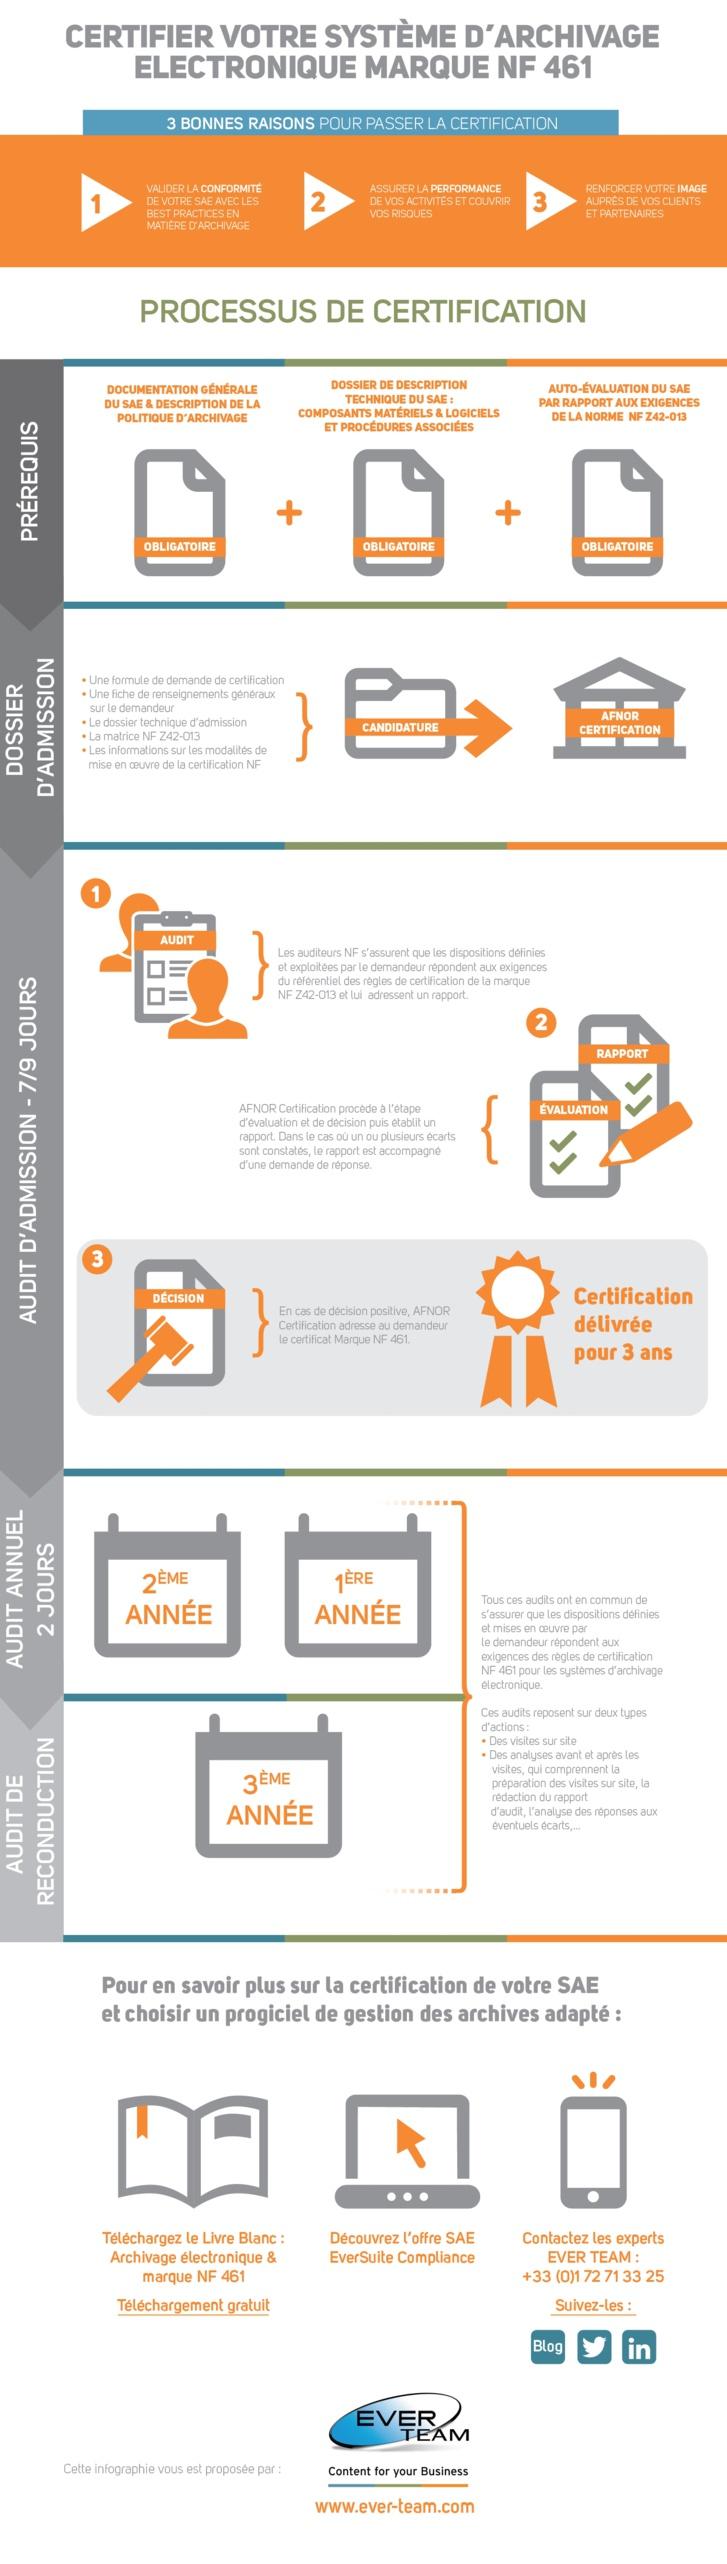 Certifier votre système d'archivage électronique (infographie)